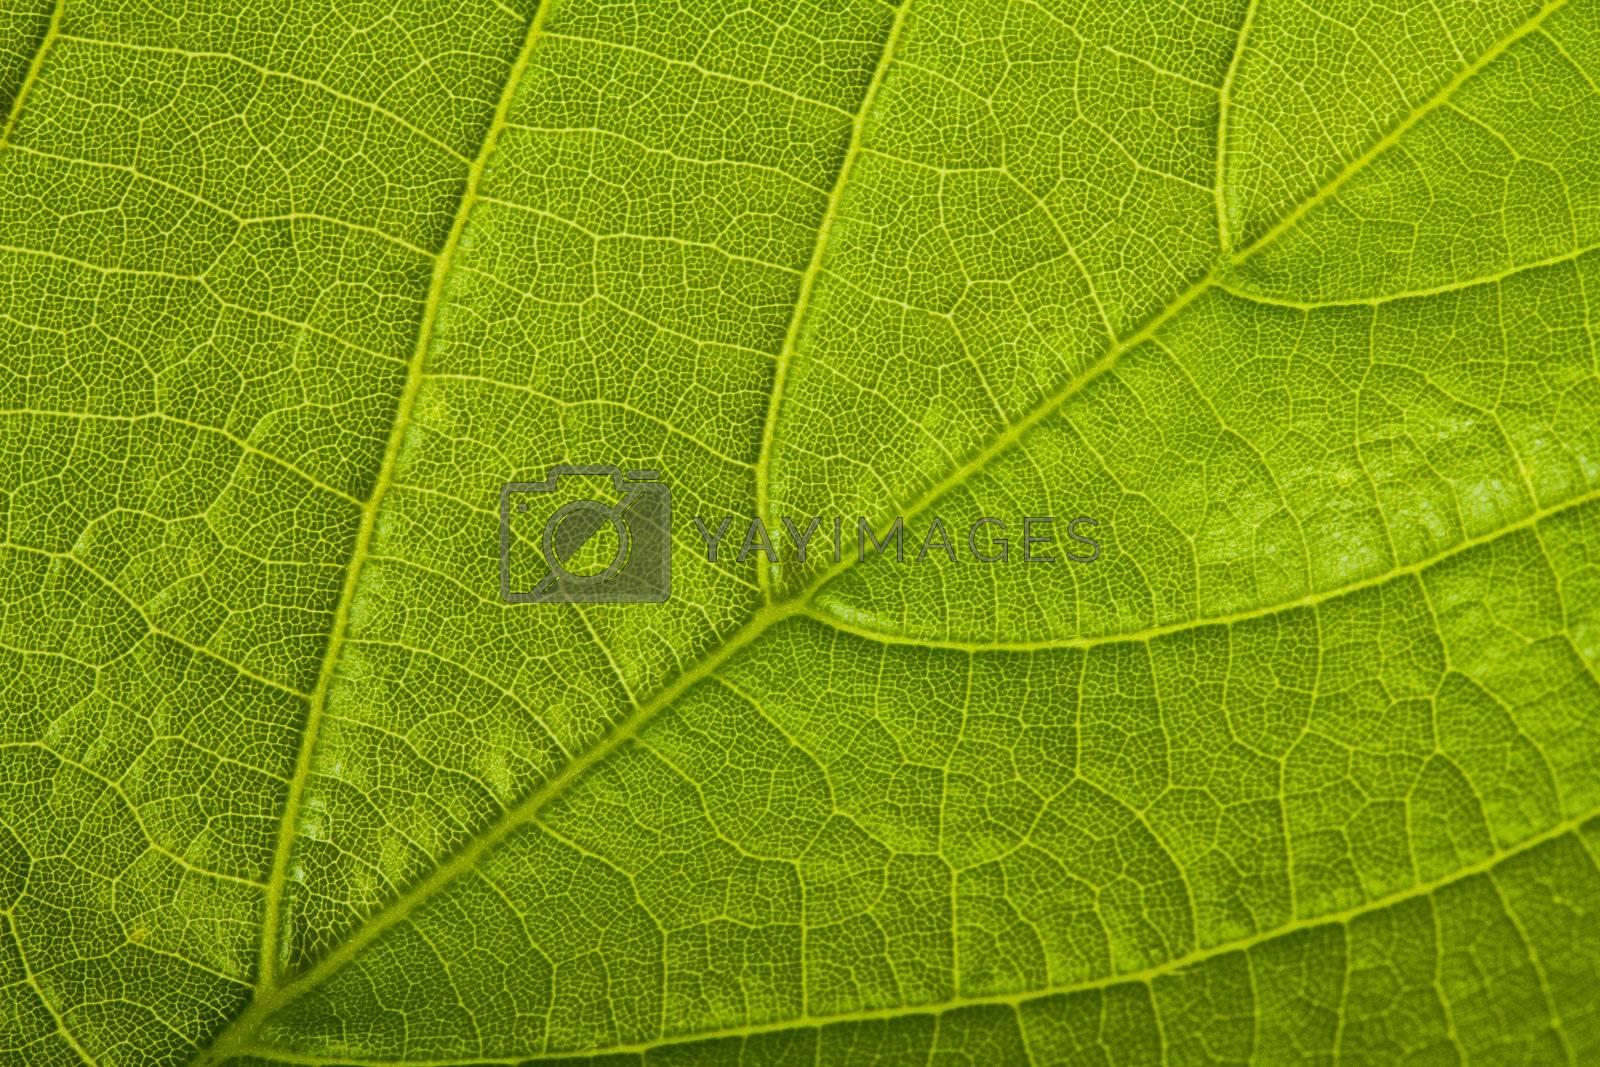 green leaf background, macro shot